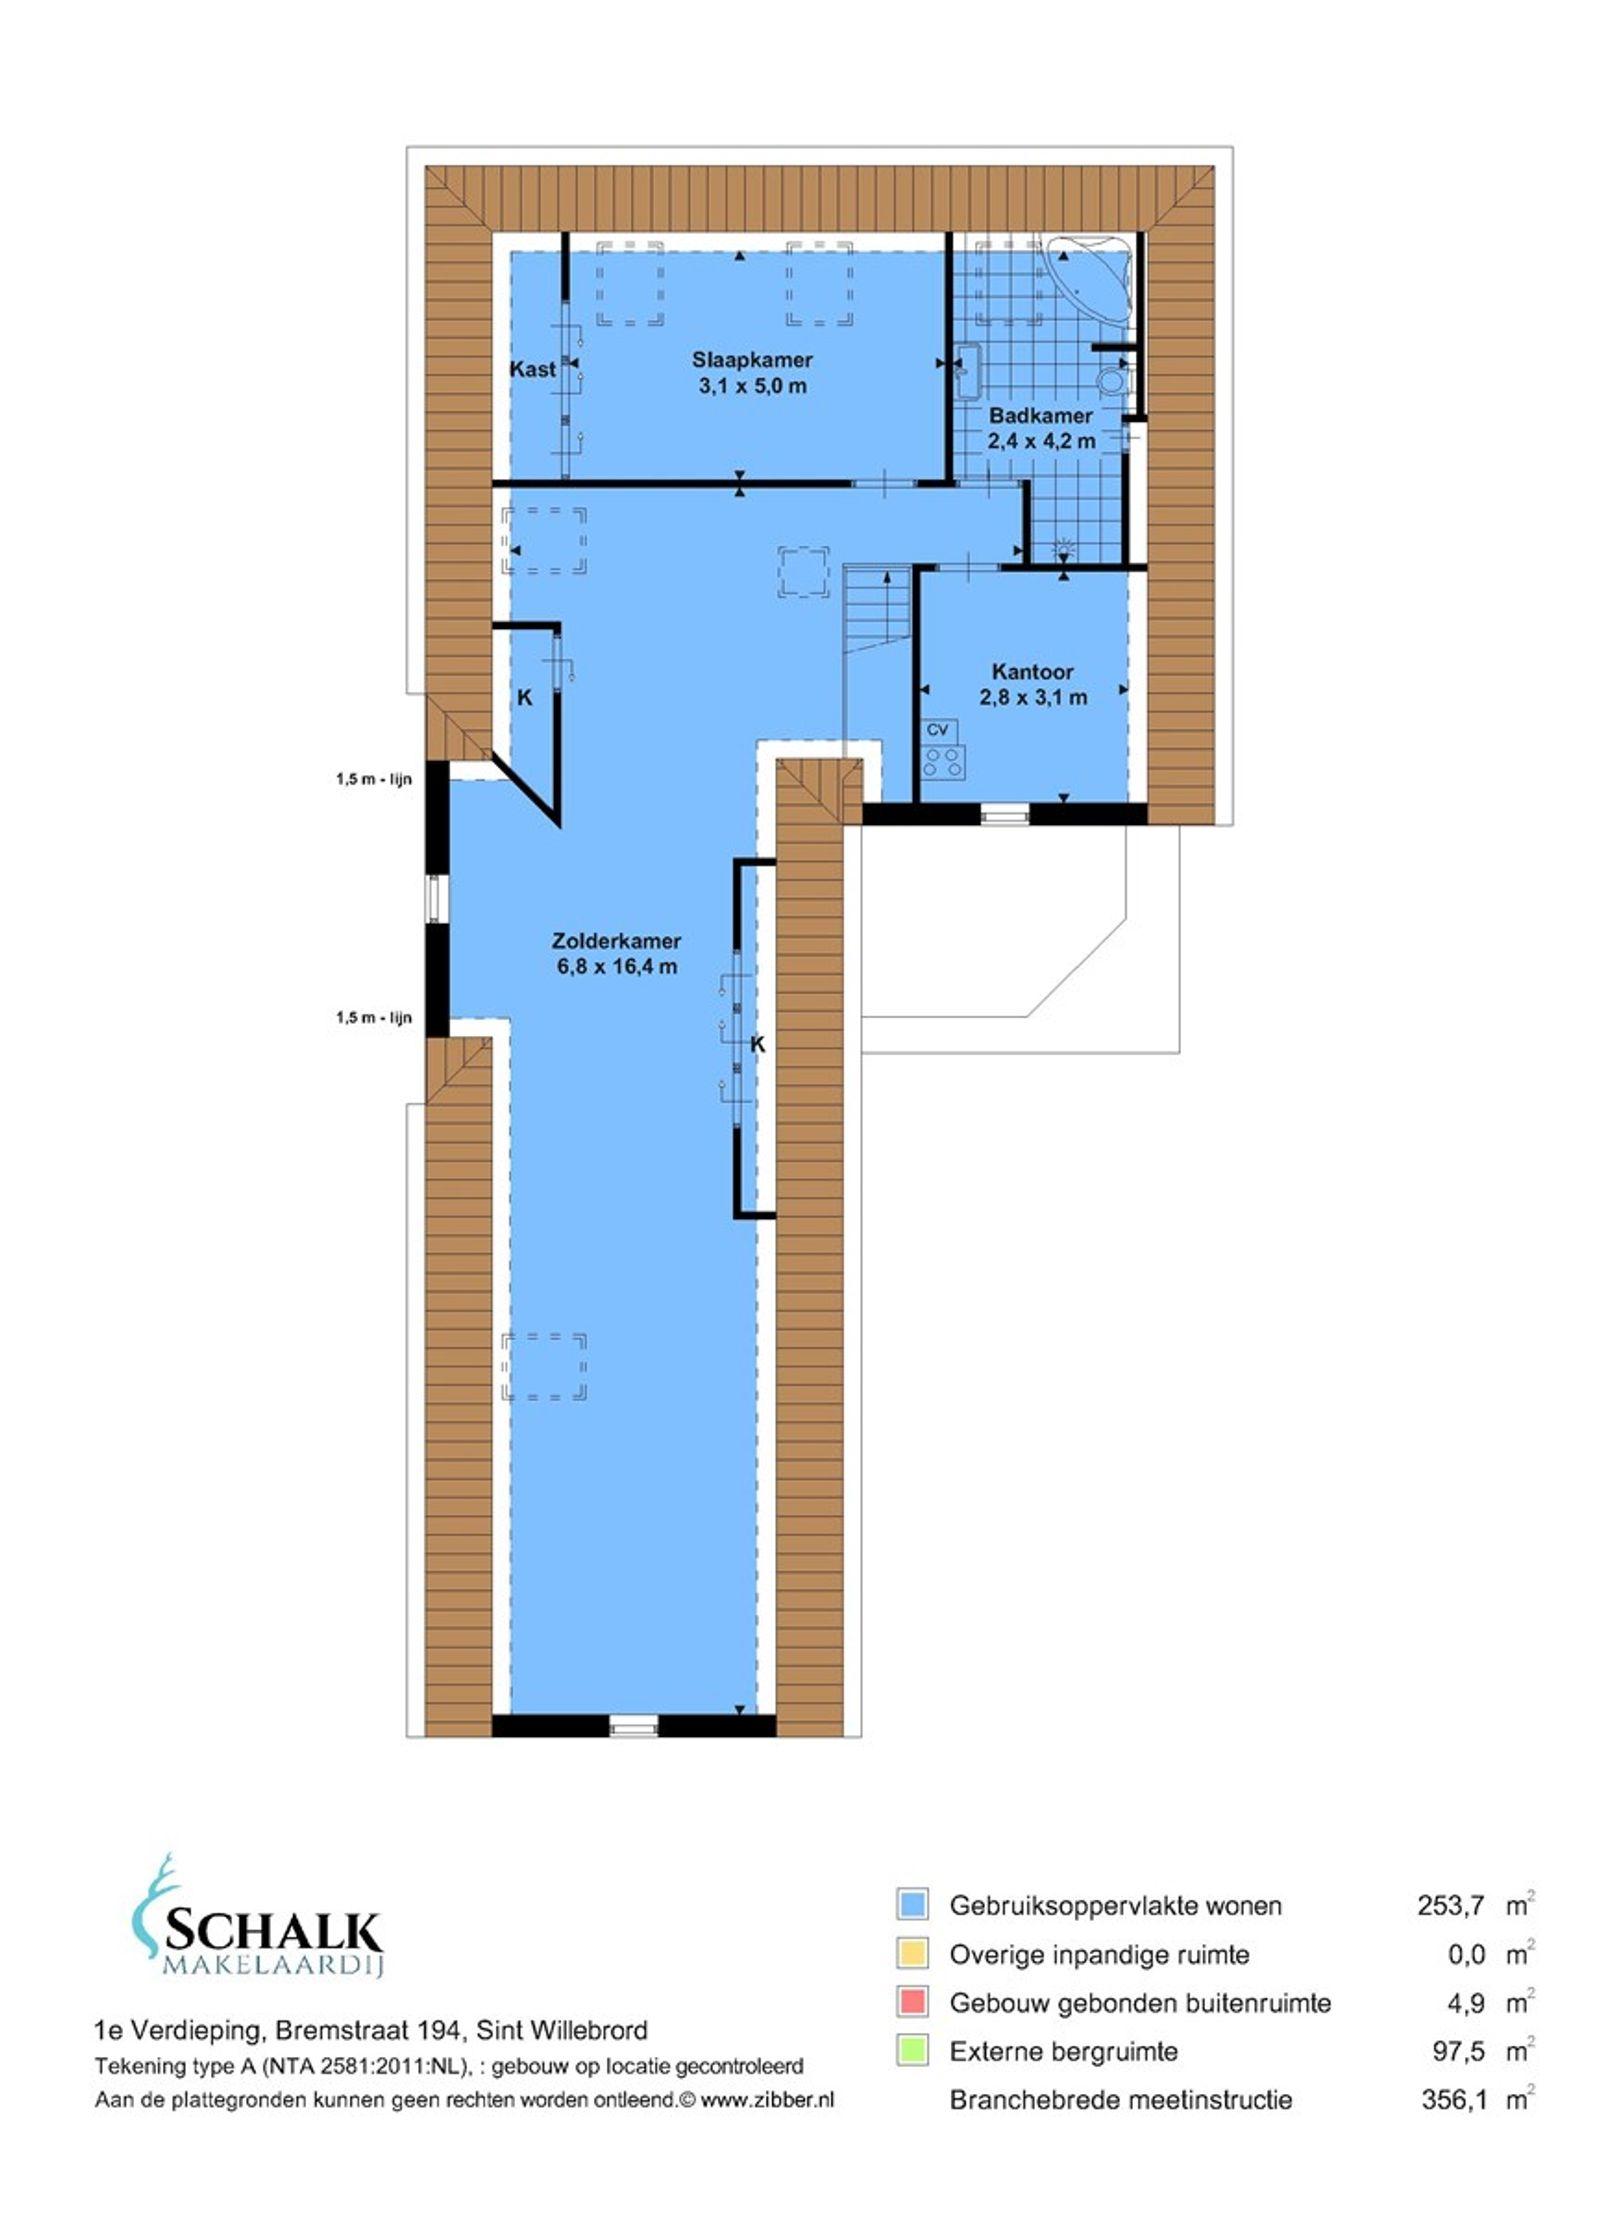 Deze zeer goed onderhouden vrijstaande woning (2013) met multifunctioneel bijgebouw is gelegen op een rustige– en landelijke locatie met uitzicht over de landerijen maar toch op korte afstand van alle dorpsvoorzieningen en diverse uitvalswegen.   De begane grond heeft o.a. een ruime living met leefkeuken, een wasruimte, een tweetal slaapkamers en een moderne– en luxe badkamer. De eerste verdieping heeft een slaapkamer, een tweede luxe badkamer en een diepe zolderkamer met mogelijkheid tot het creeren van extra (slaap)kamers. De woning is nagenoeg geheel voorzien van ingebouwde elektrisch bedienbare rolluiken– en draai-kiep ramen.  Uitermate geschikt voor kantoor/praktijk aan huis. Een woning met veel mogelijkheden!  Rondom de woning ligt een verzorgd aangelegde tuin welke is voorzien van een ruime oprit, berging/tuinhuis, gazon en diverse terrassen waarbij u in alle rust - ruimte kunt genieten van het buitenleven!  BEGANE GROND Voorentree met directe toegang tot de toiletruimte, wasruimte en de gang. Via de gang bereik je de living, keuken, badkamer, twee slaapkamers en de trapkast. Middels een vaste trapopgang is de eerste verdieping bereikbaar. De ruimte beschikt naast de voordeur over een draai-kiepdeur. Afwerking- tegelvloer (klasse 4, houtsteen) met vloerverwarming, schoonmetselwerk wanden en een stucwerk plafond met spots en sierlijst. Meterkast- 17 groepen, aardlekschakelaar en krachtstroomgroep.  Toiletruimte met -zwevend- toilet en fonteintje. Afwerking- tegelvloer, betegelde wanden en een stucwerk plafond met sierlijst.  Wasruimte met wasmachine– en drogeraansluiting en pantry met spoelbak. Afwerking- tegelvloer met vloerverwarming, deels betegelde en deels Spachtelputz wanden. Het plafond is afgewerkt met stucwerk en een sierlijst.  Ruime living met dubbele schuifdeur naar de keuken. Afwerking- tegelvloer met vloerverwarming en deels Spachtelputz en deels schoonmetselwerk wanden. Het plafond is afgewerkt met deels stucwerk en deels spuitwerk met sierlijst